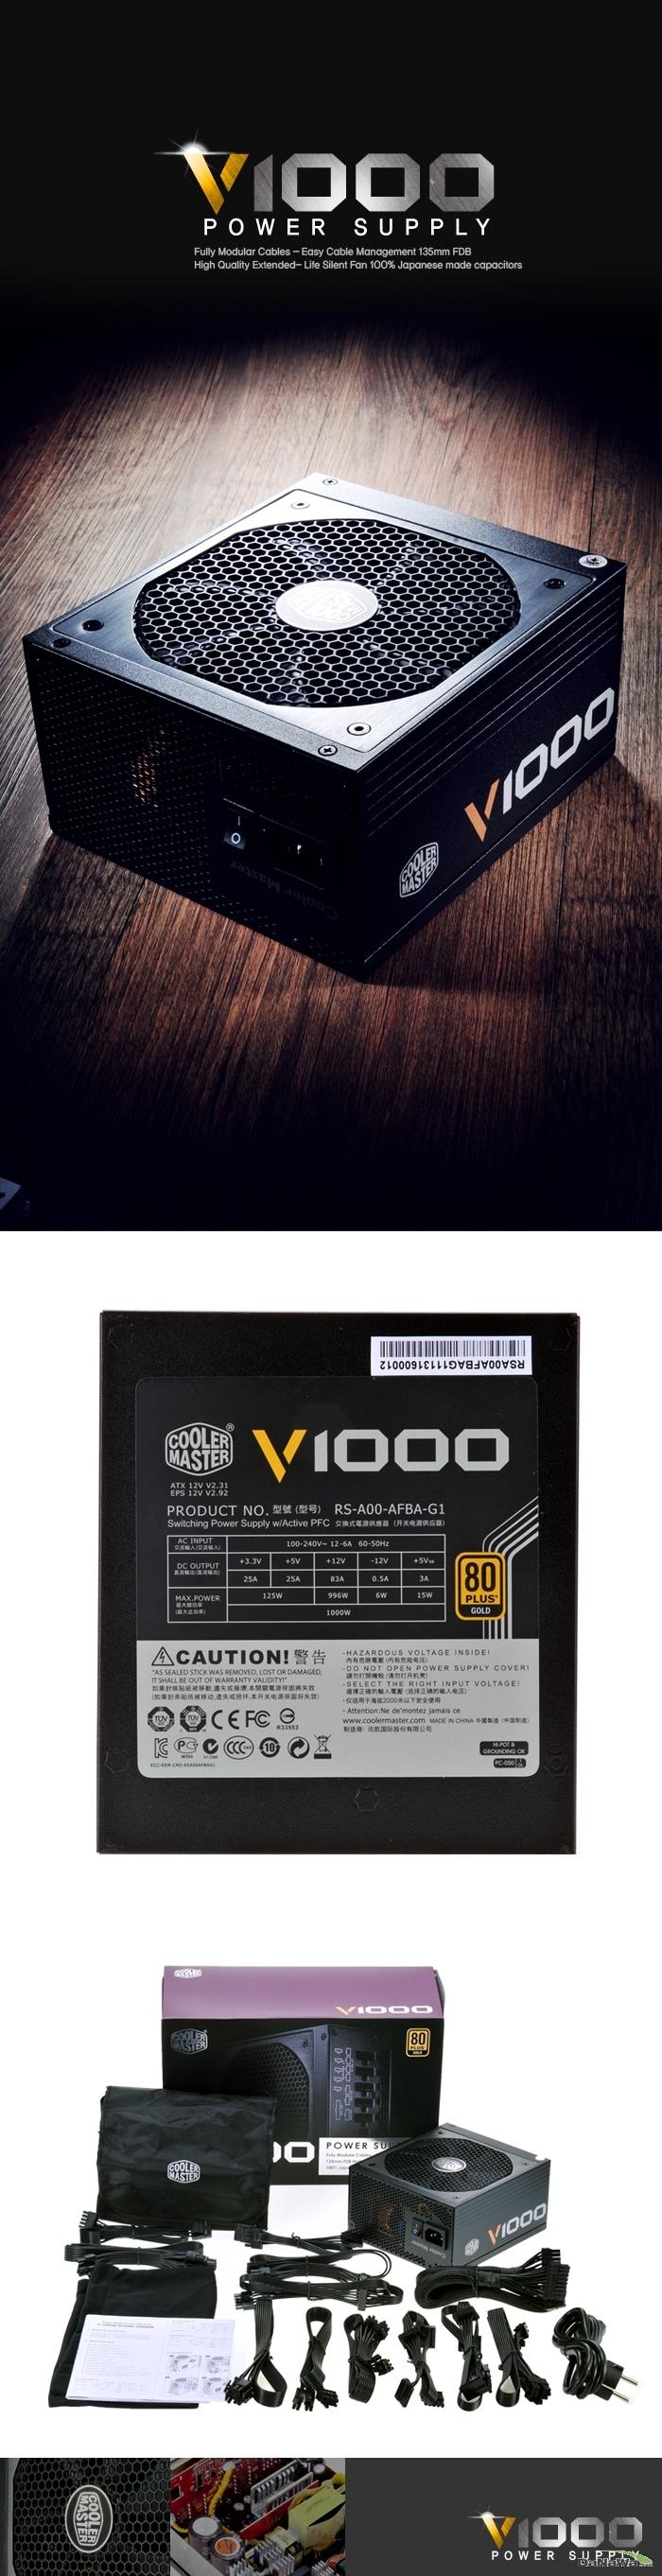 V1000 제품 스팩과 구성품 이미지